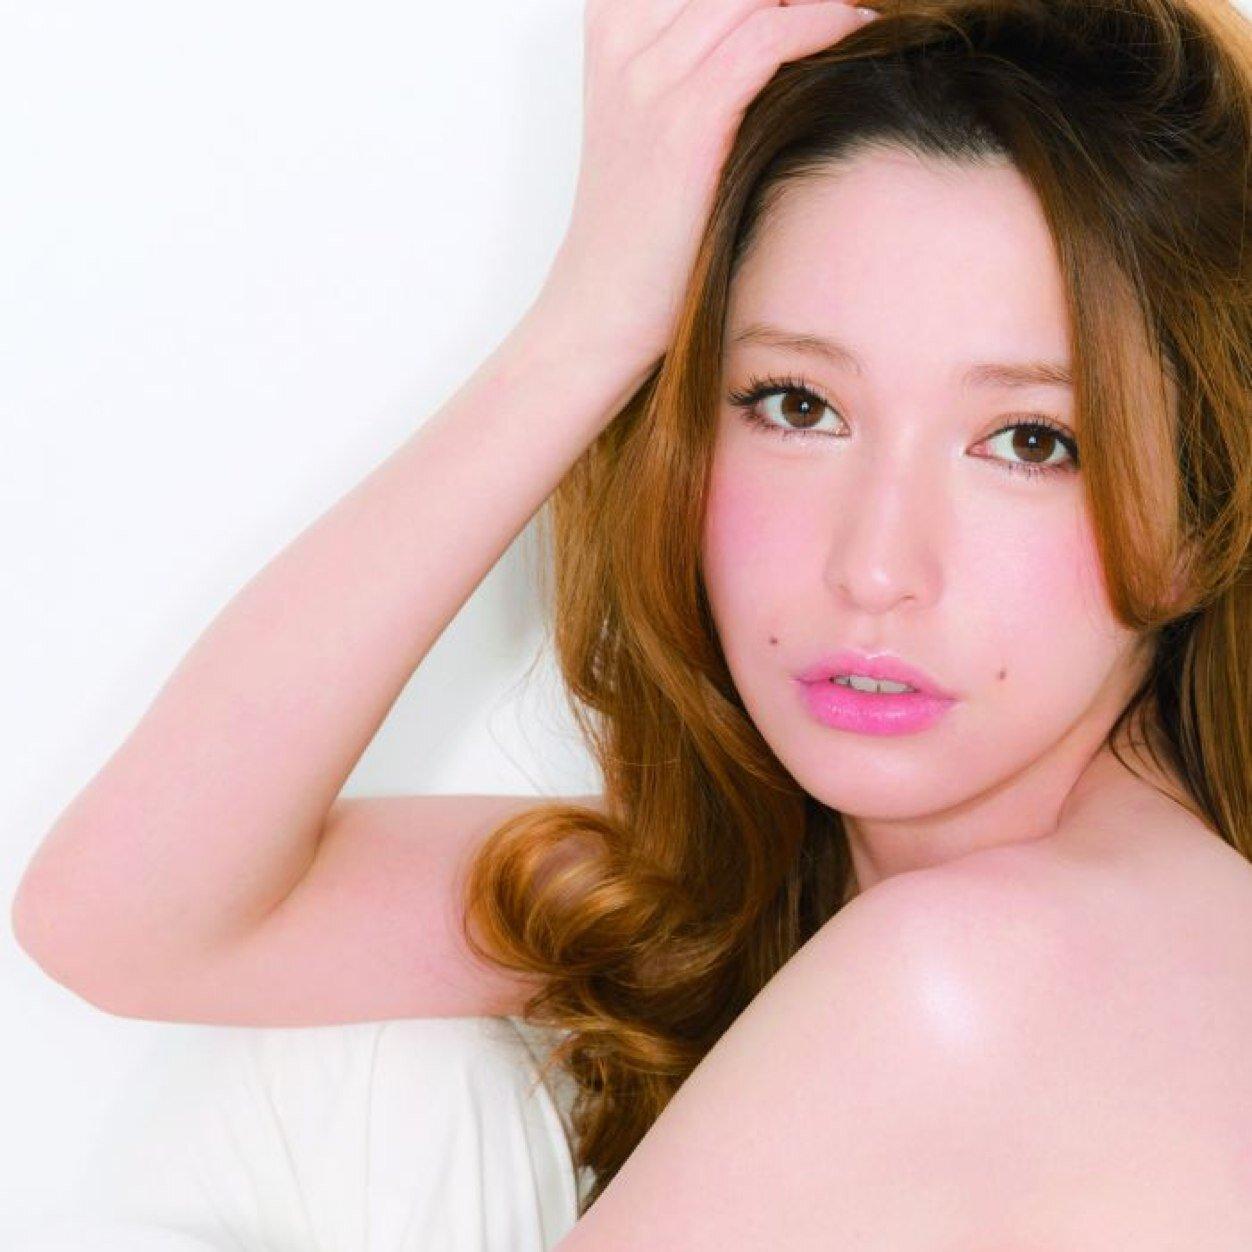 藤井リナの画像 p1_34